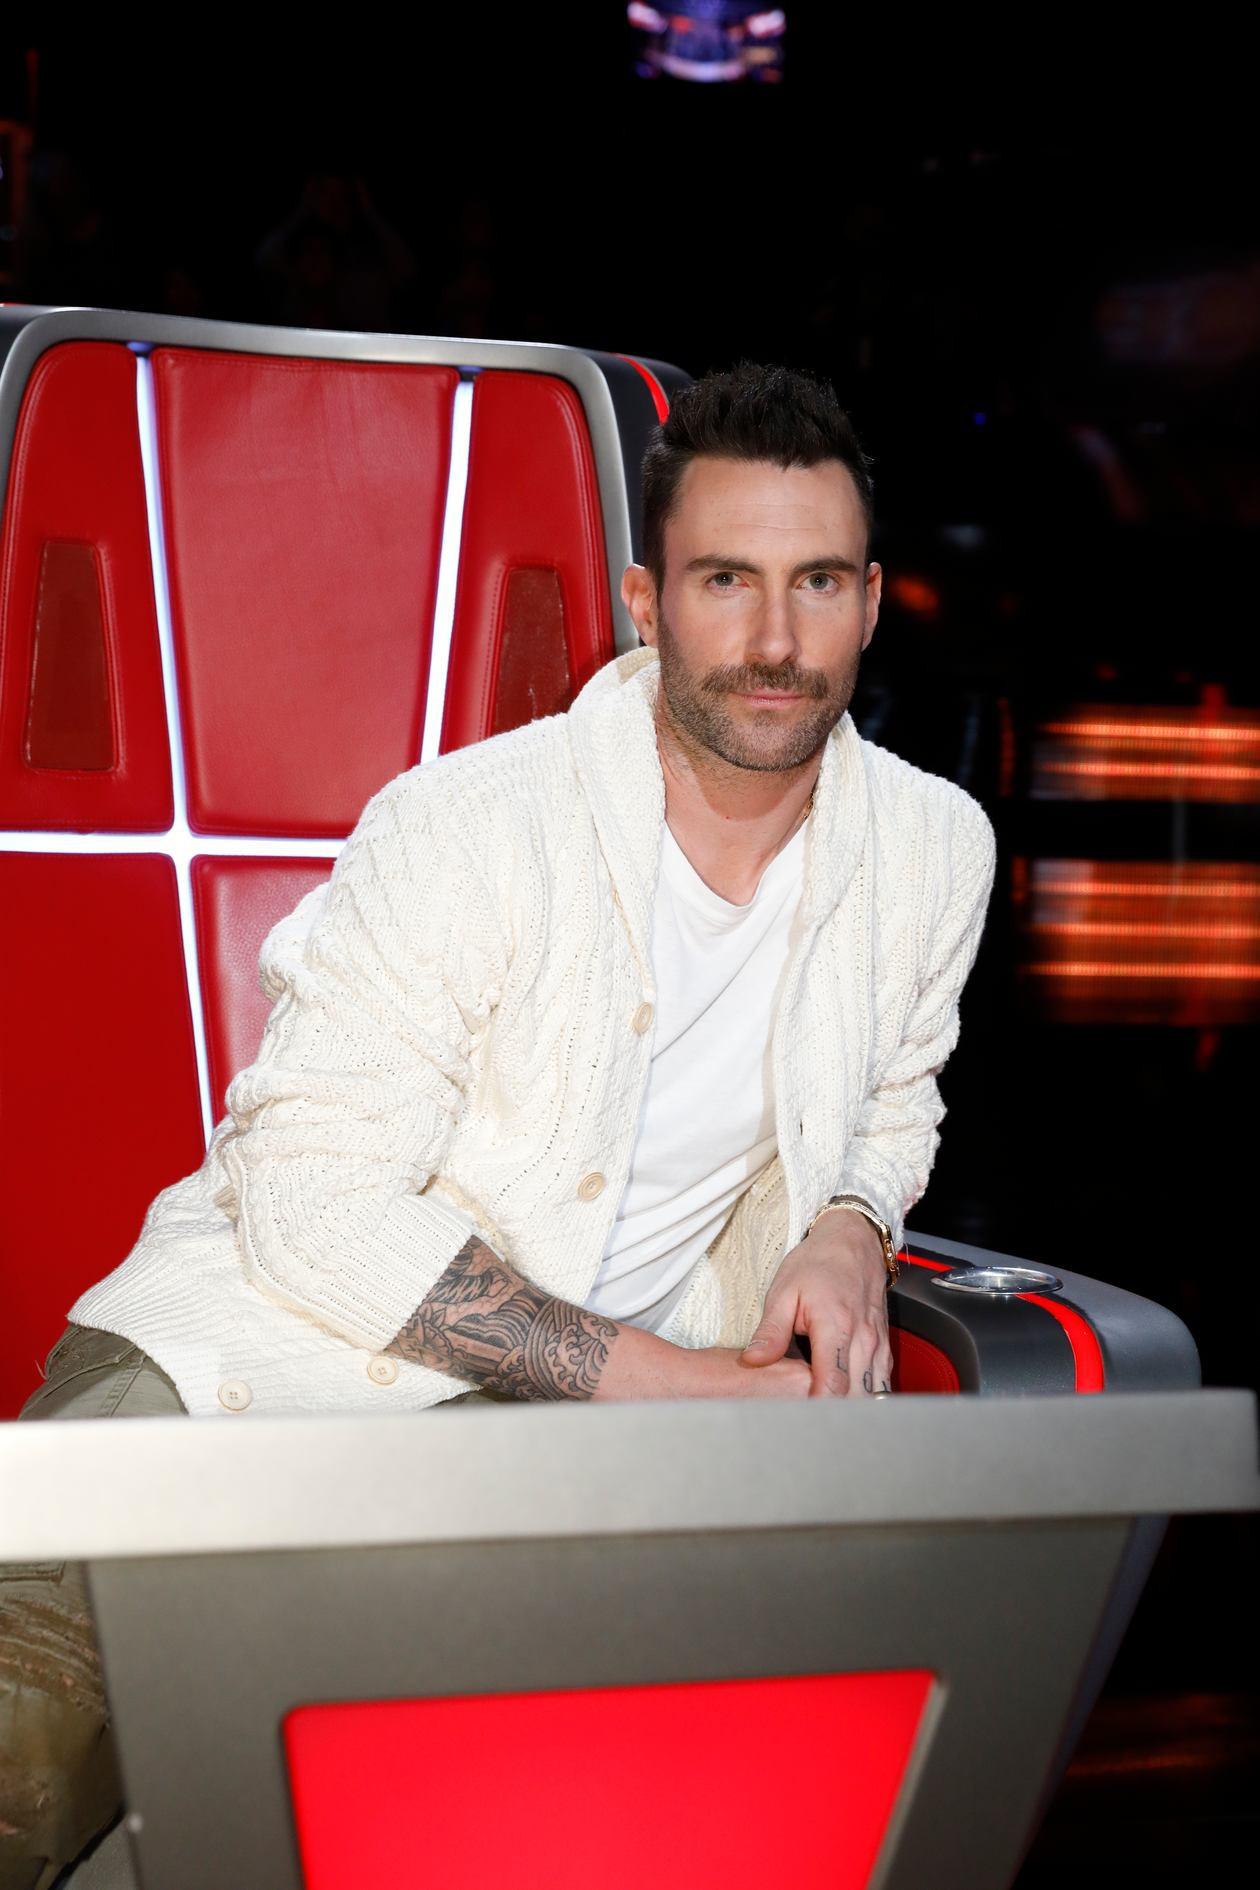 The Voice US: Adam năm nay vẫn đẹp trai, nhưng rất tiếc team lại bị loại sạch trước Chung kết! - Ảnh 8.